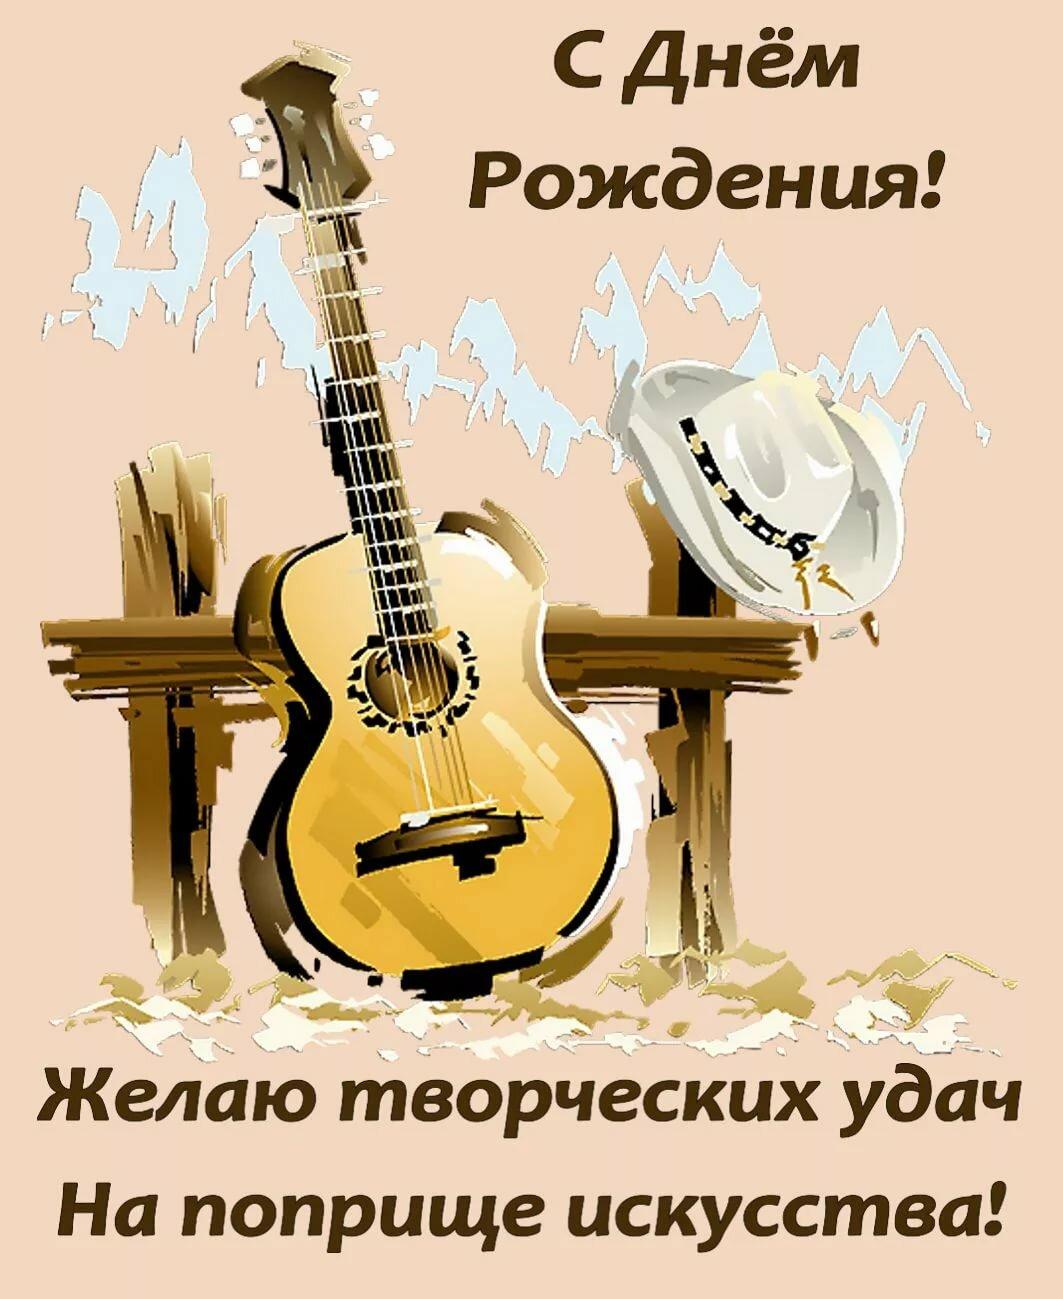 Поздравления музыканту открытка